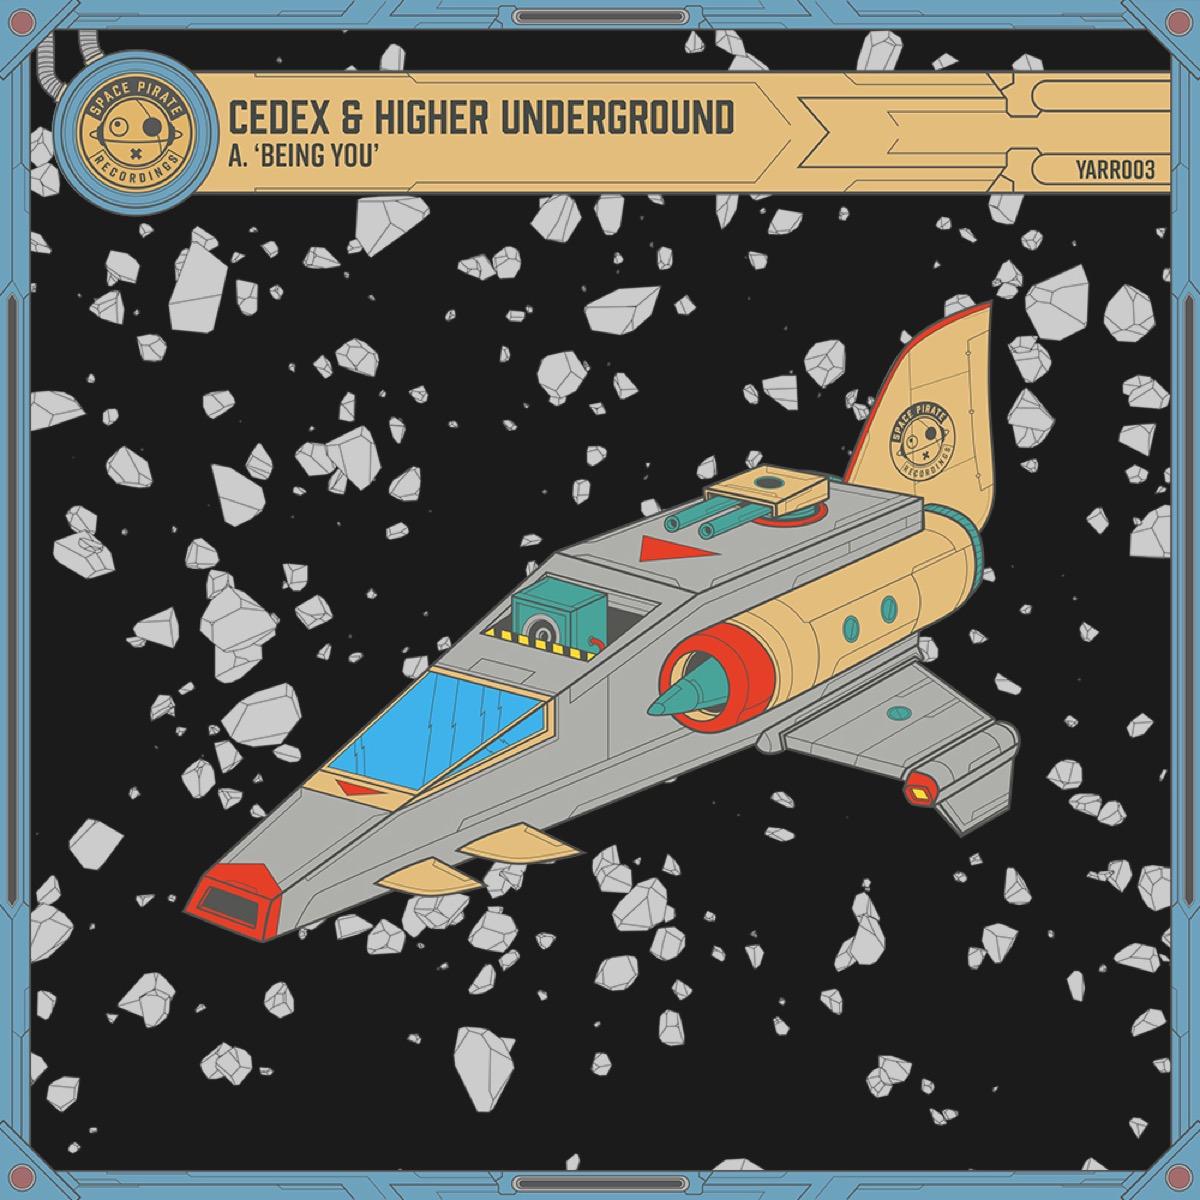 cedex-higher-ground-being-you